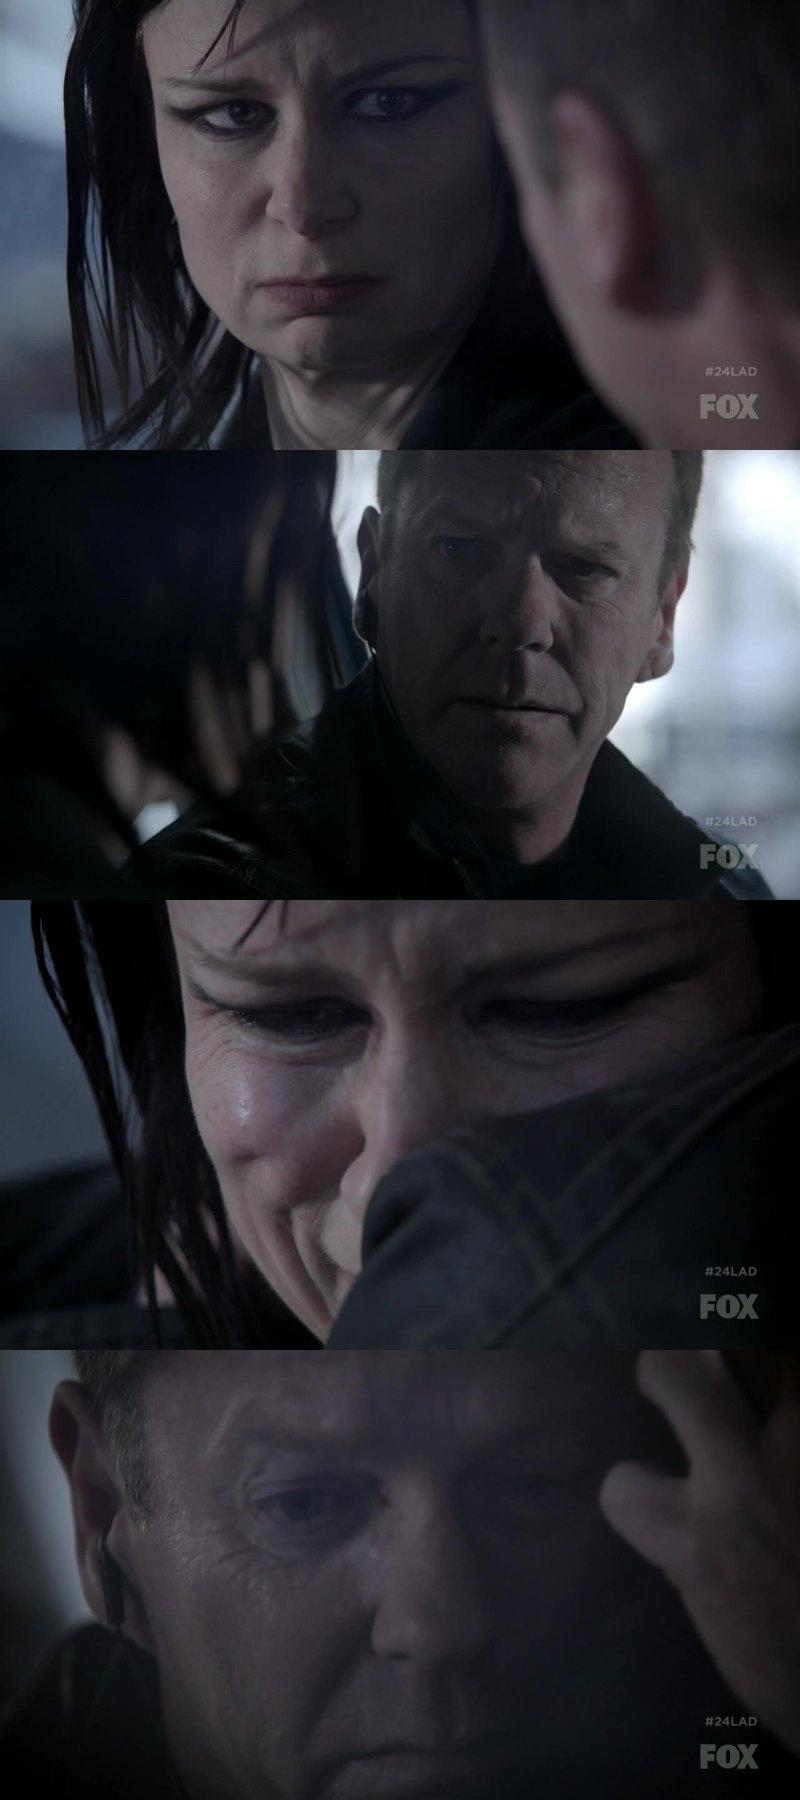 Poor Chloe.